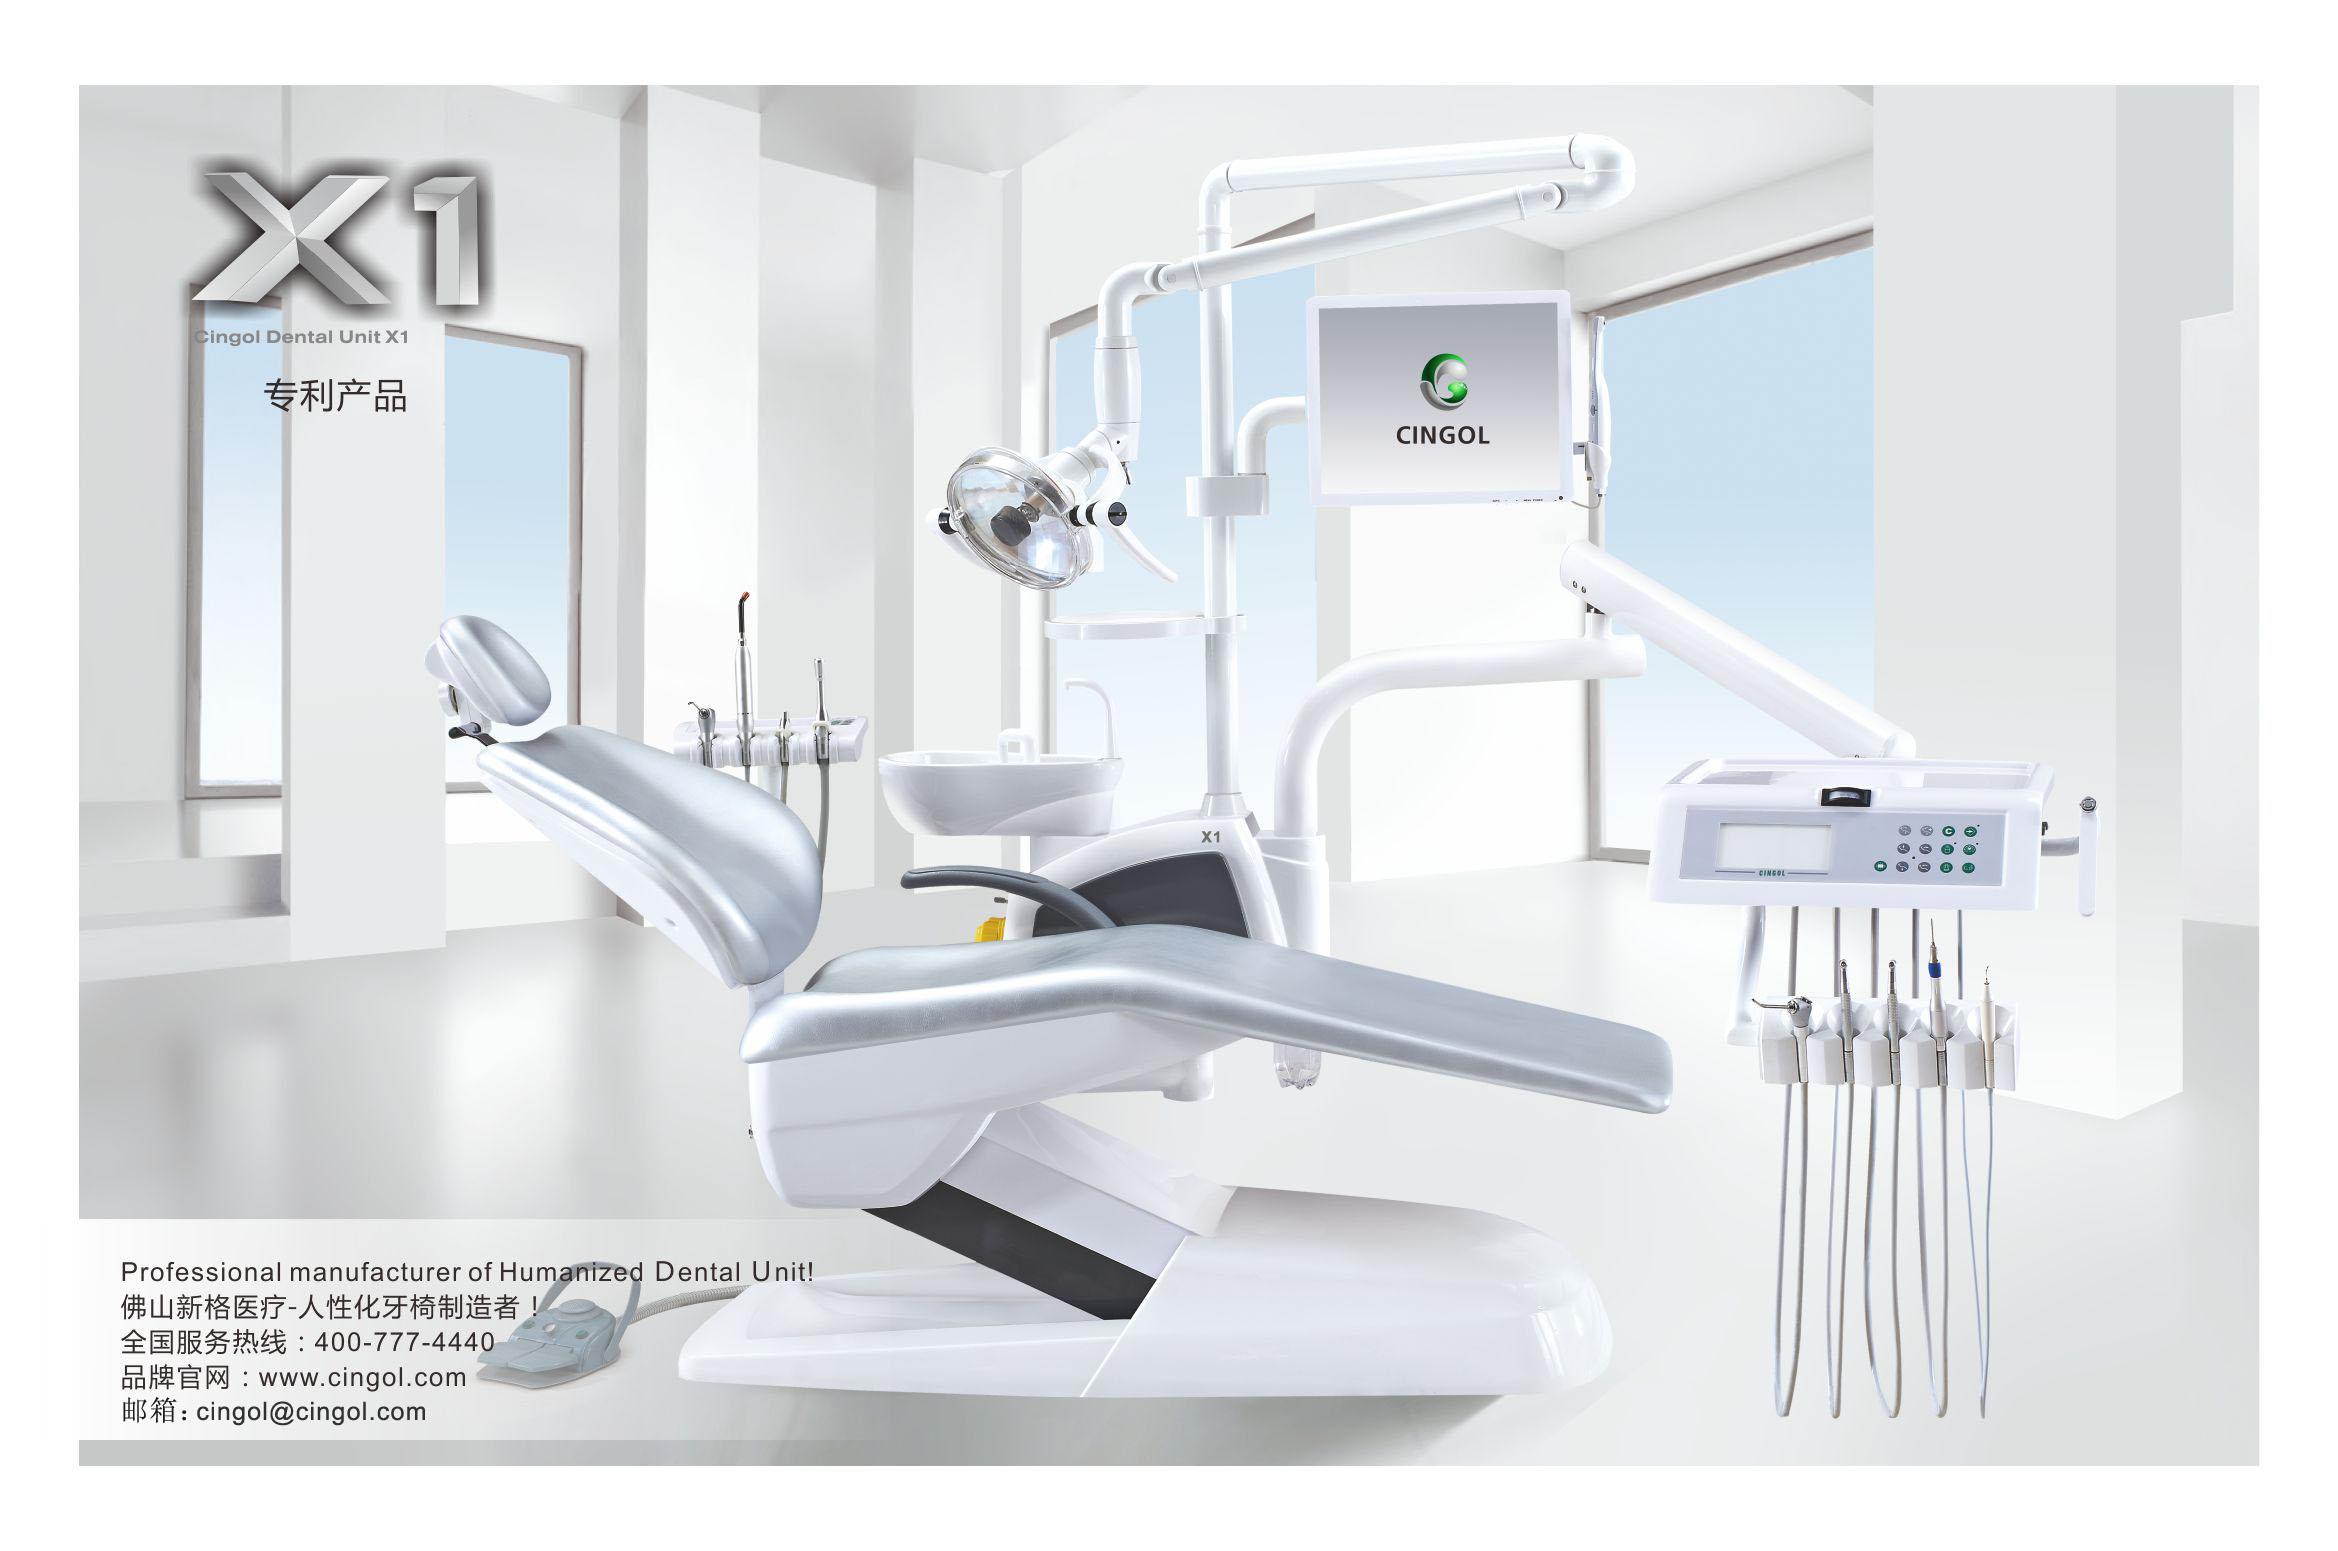 供应新格牙科综合治疗台X1、牙科器械设备牙科椅、佛山新格医疗牙科综合治疗机、牙科综合治疗椅品牌